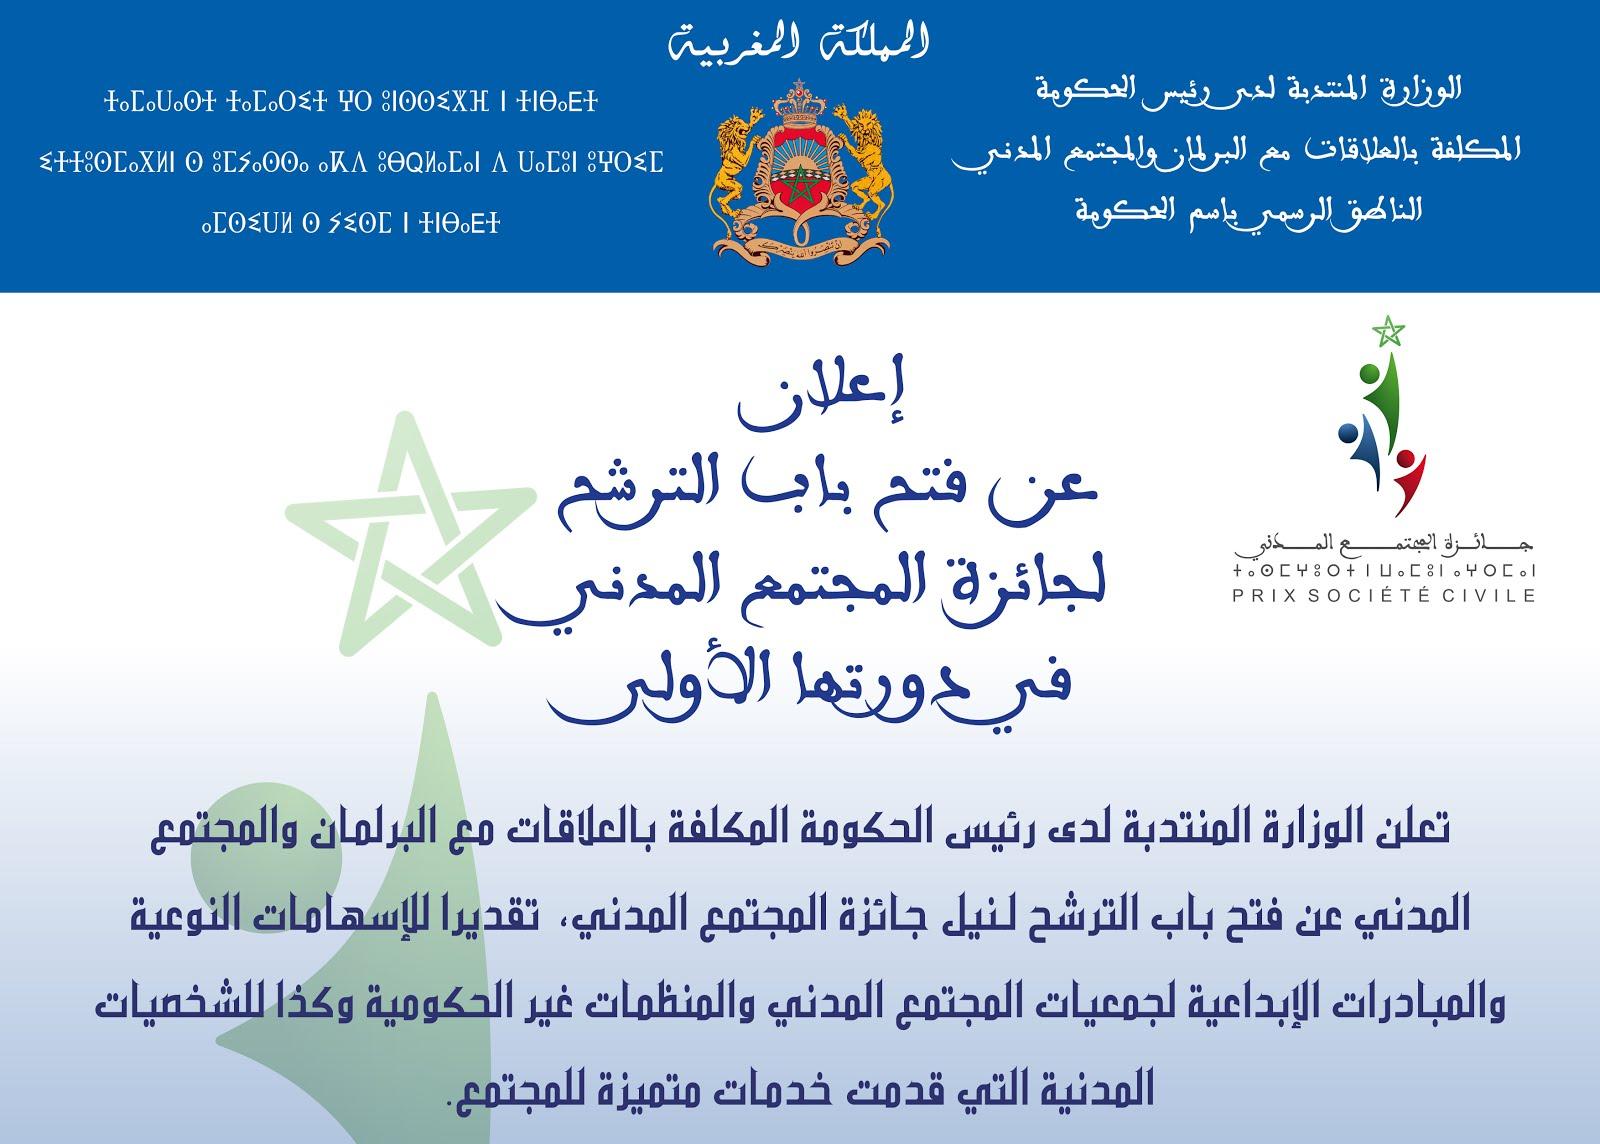 هام جدا: الإعلان عن فتح باب الترشيح لجائزة المجتمع المدني في دورتها الأولى